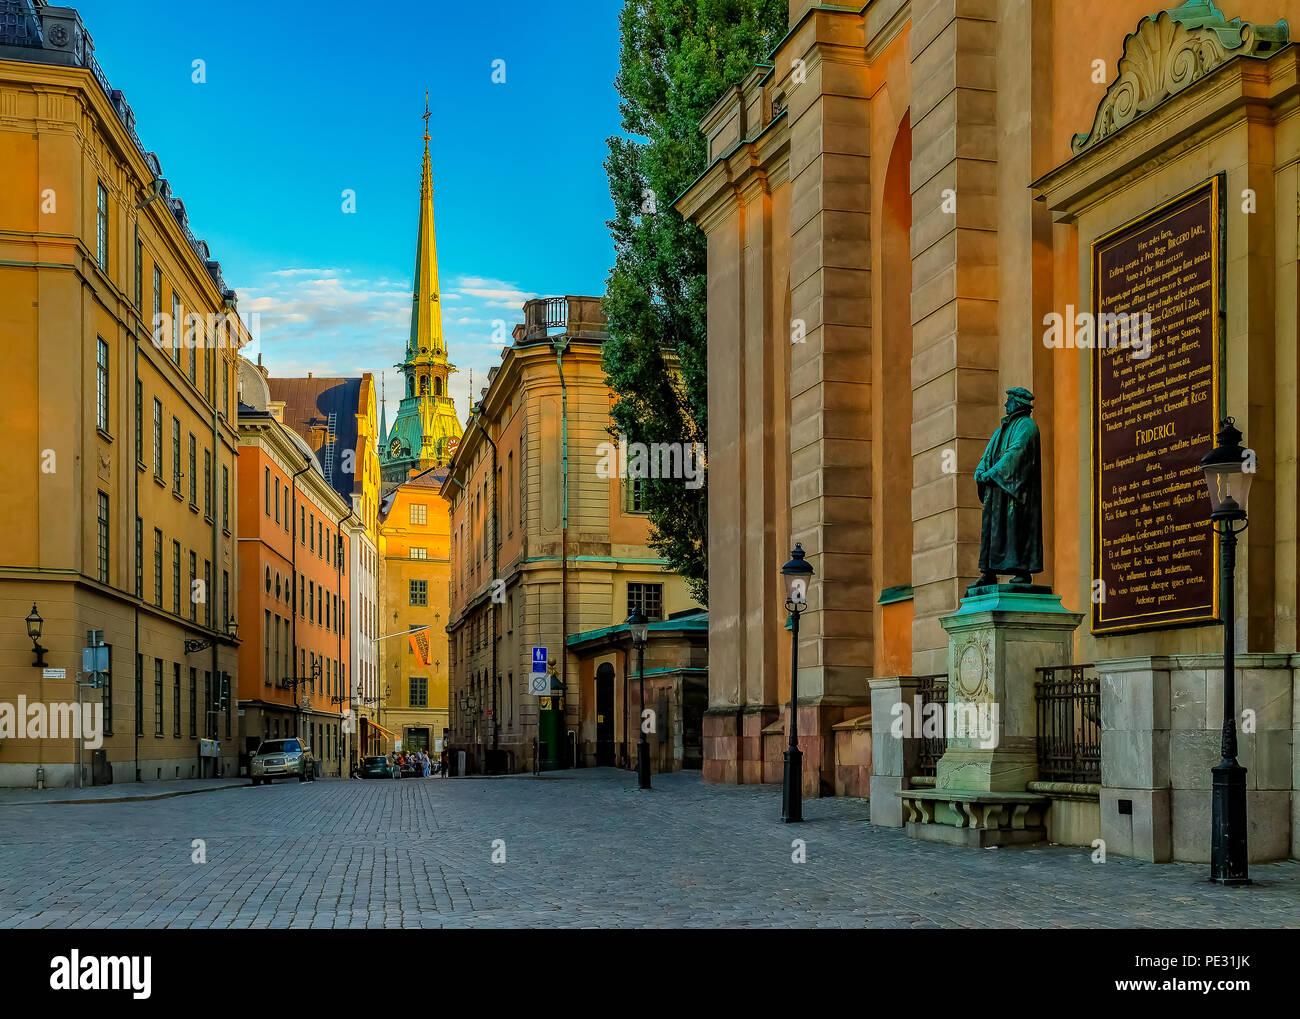 Stoccolma, Svezia - 11 agosto 2017: vista sui tradizionali edifici in stile gotico e i cancelli di Storkyrkan o la Cattedrale di Stoccolma nella città vecchia, Gamla Immagini Stock